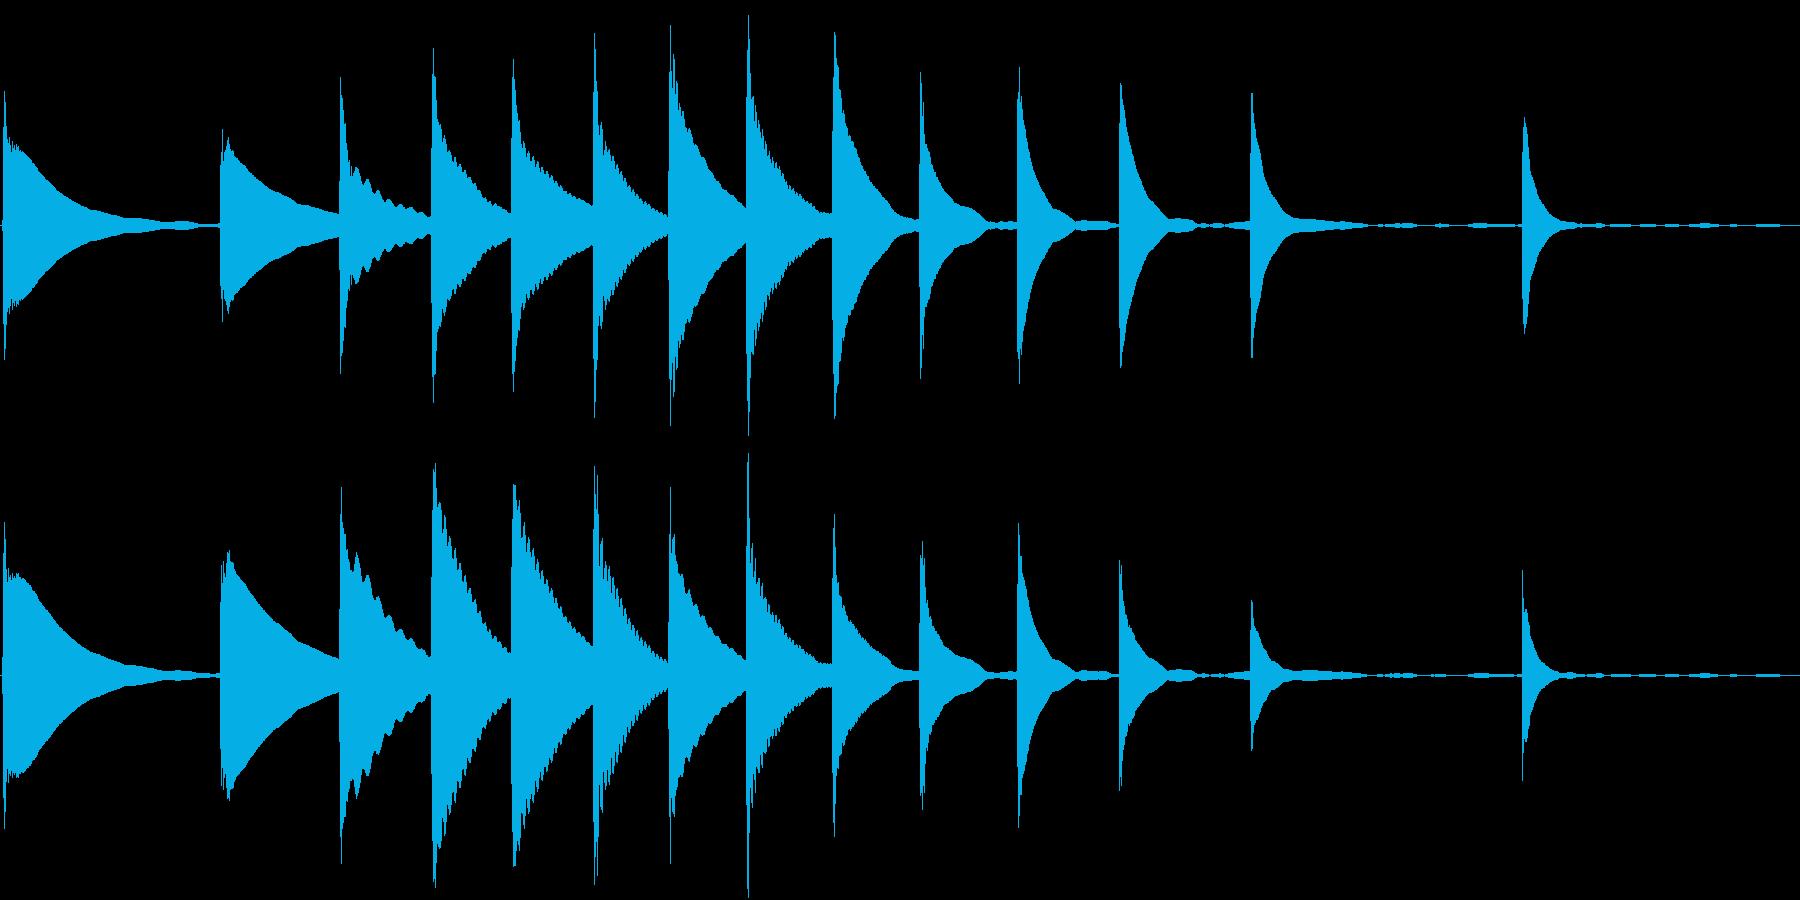 Xylo 木琴のお茶目なジングルの再生済みの波形